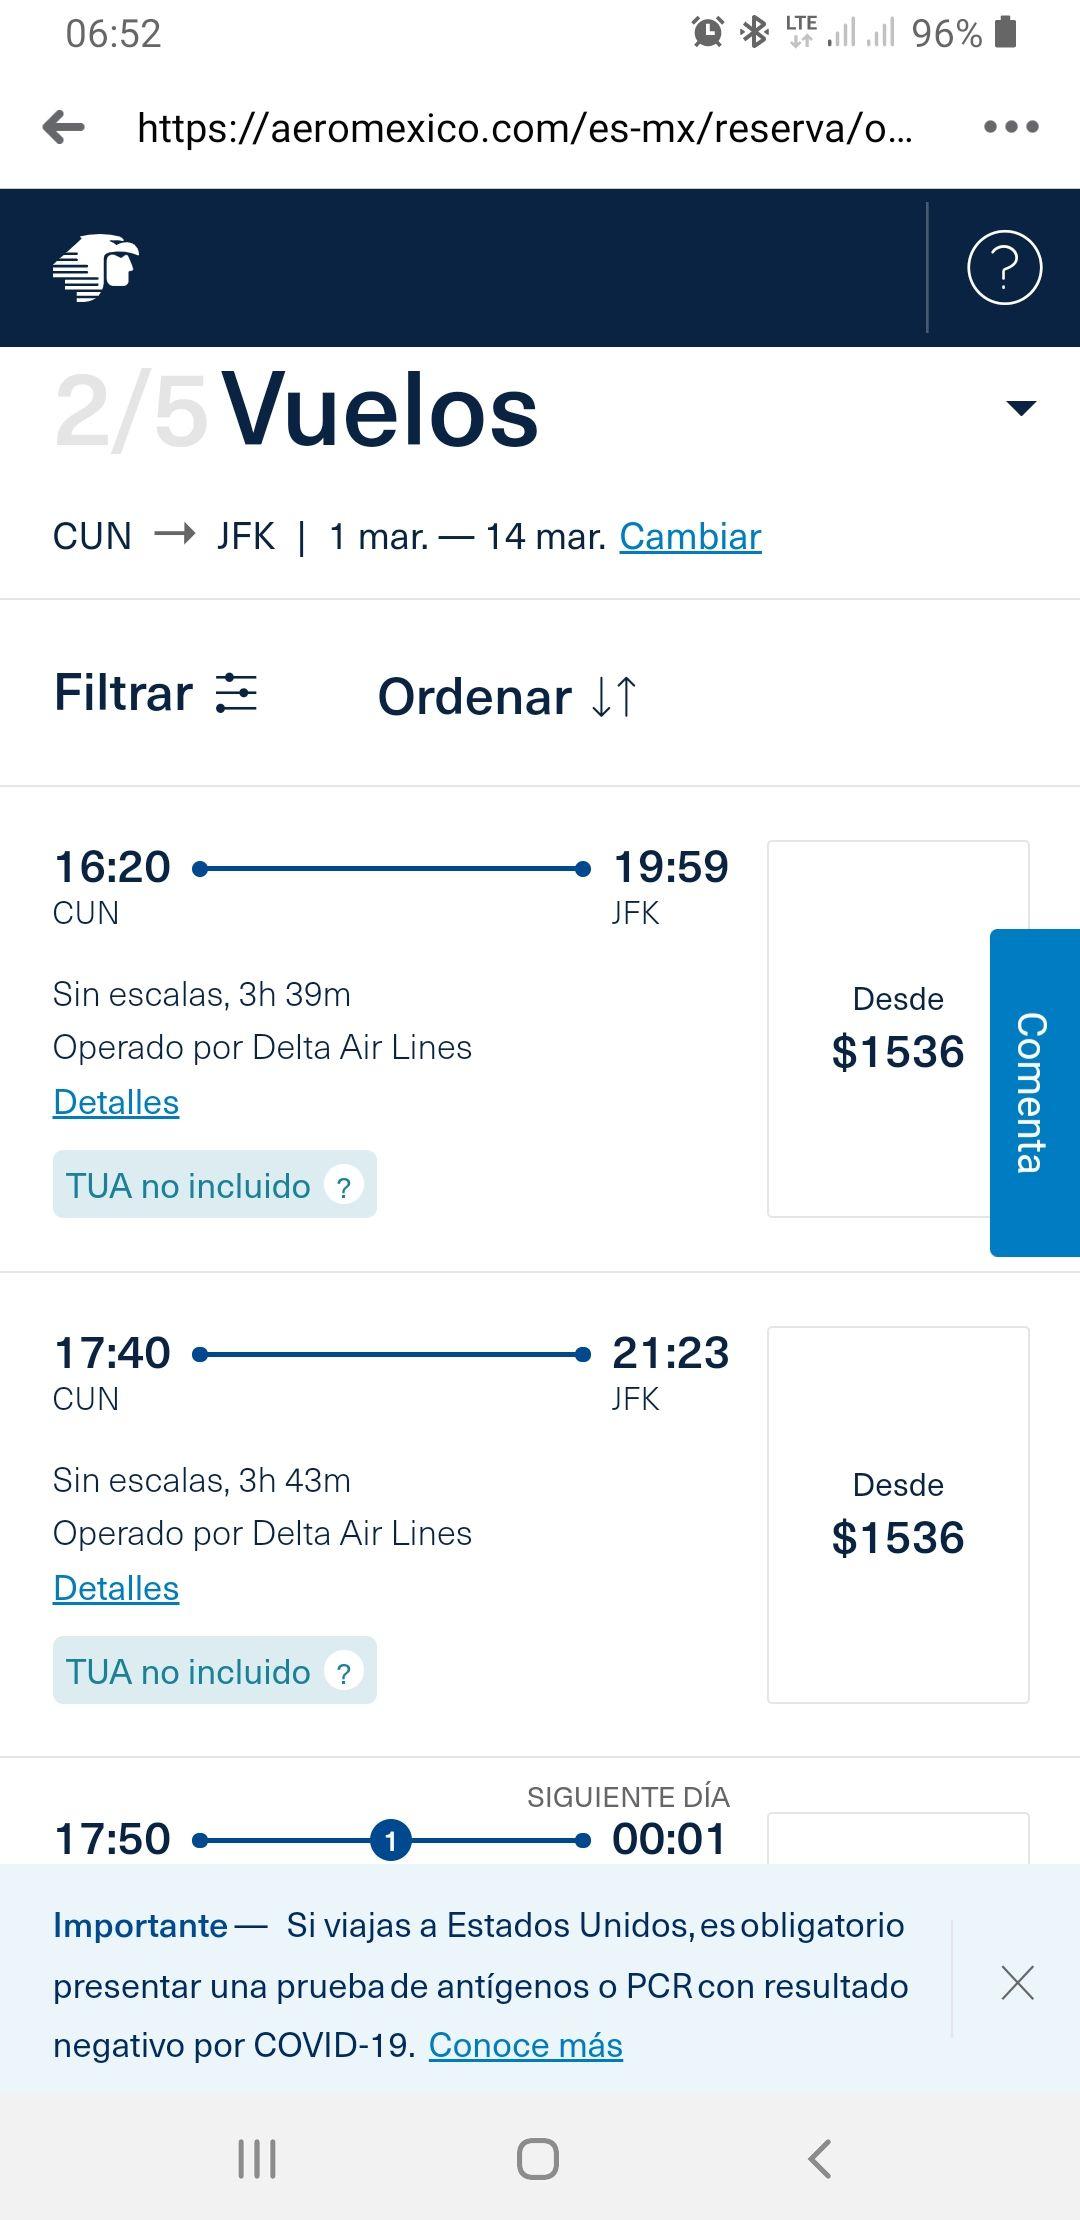 Aeromexico, Cun a JFK NY vuelo sin escalas aeromexico